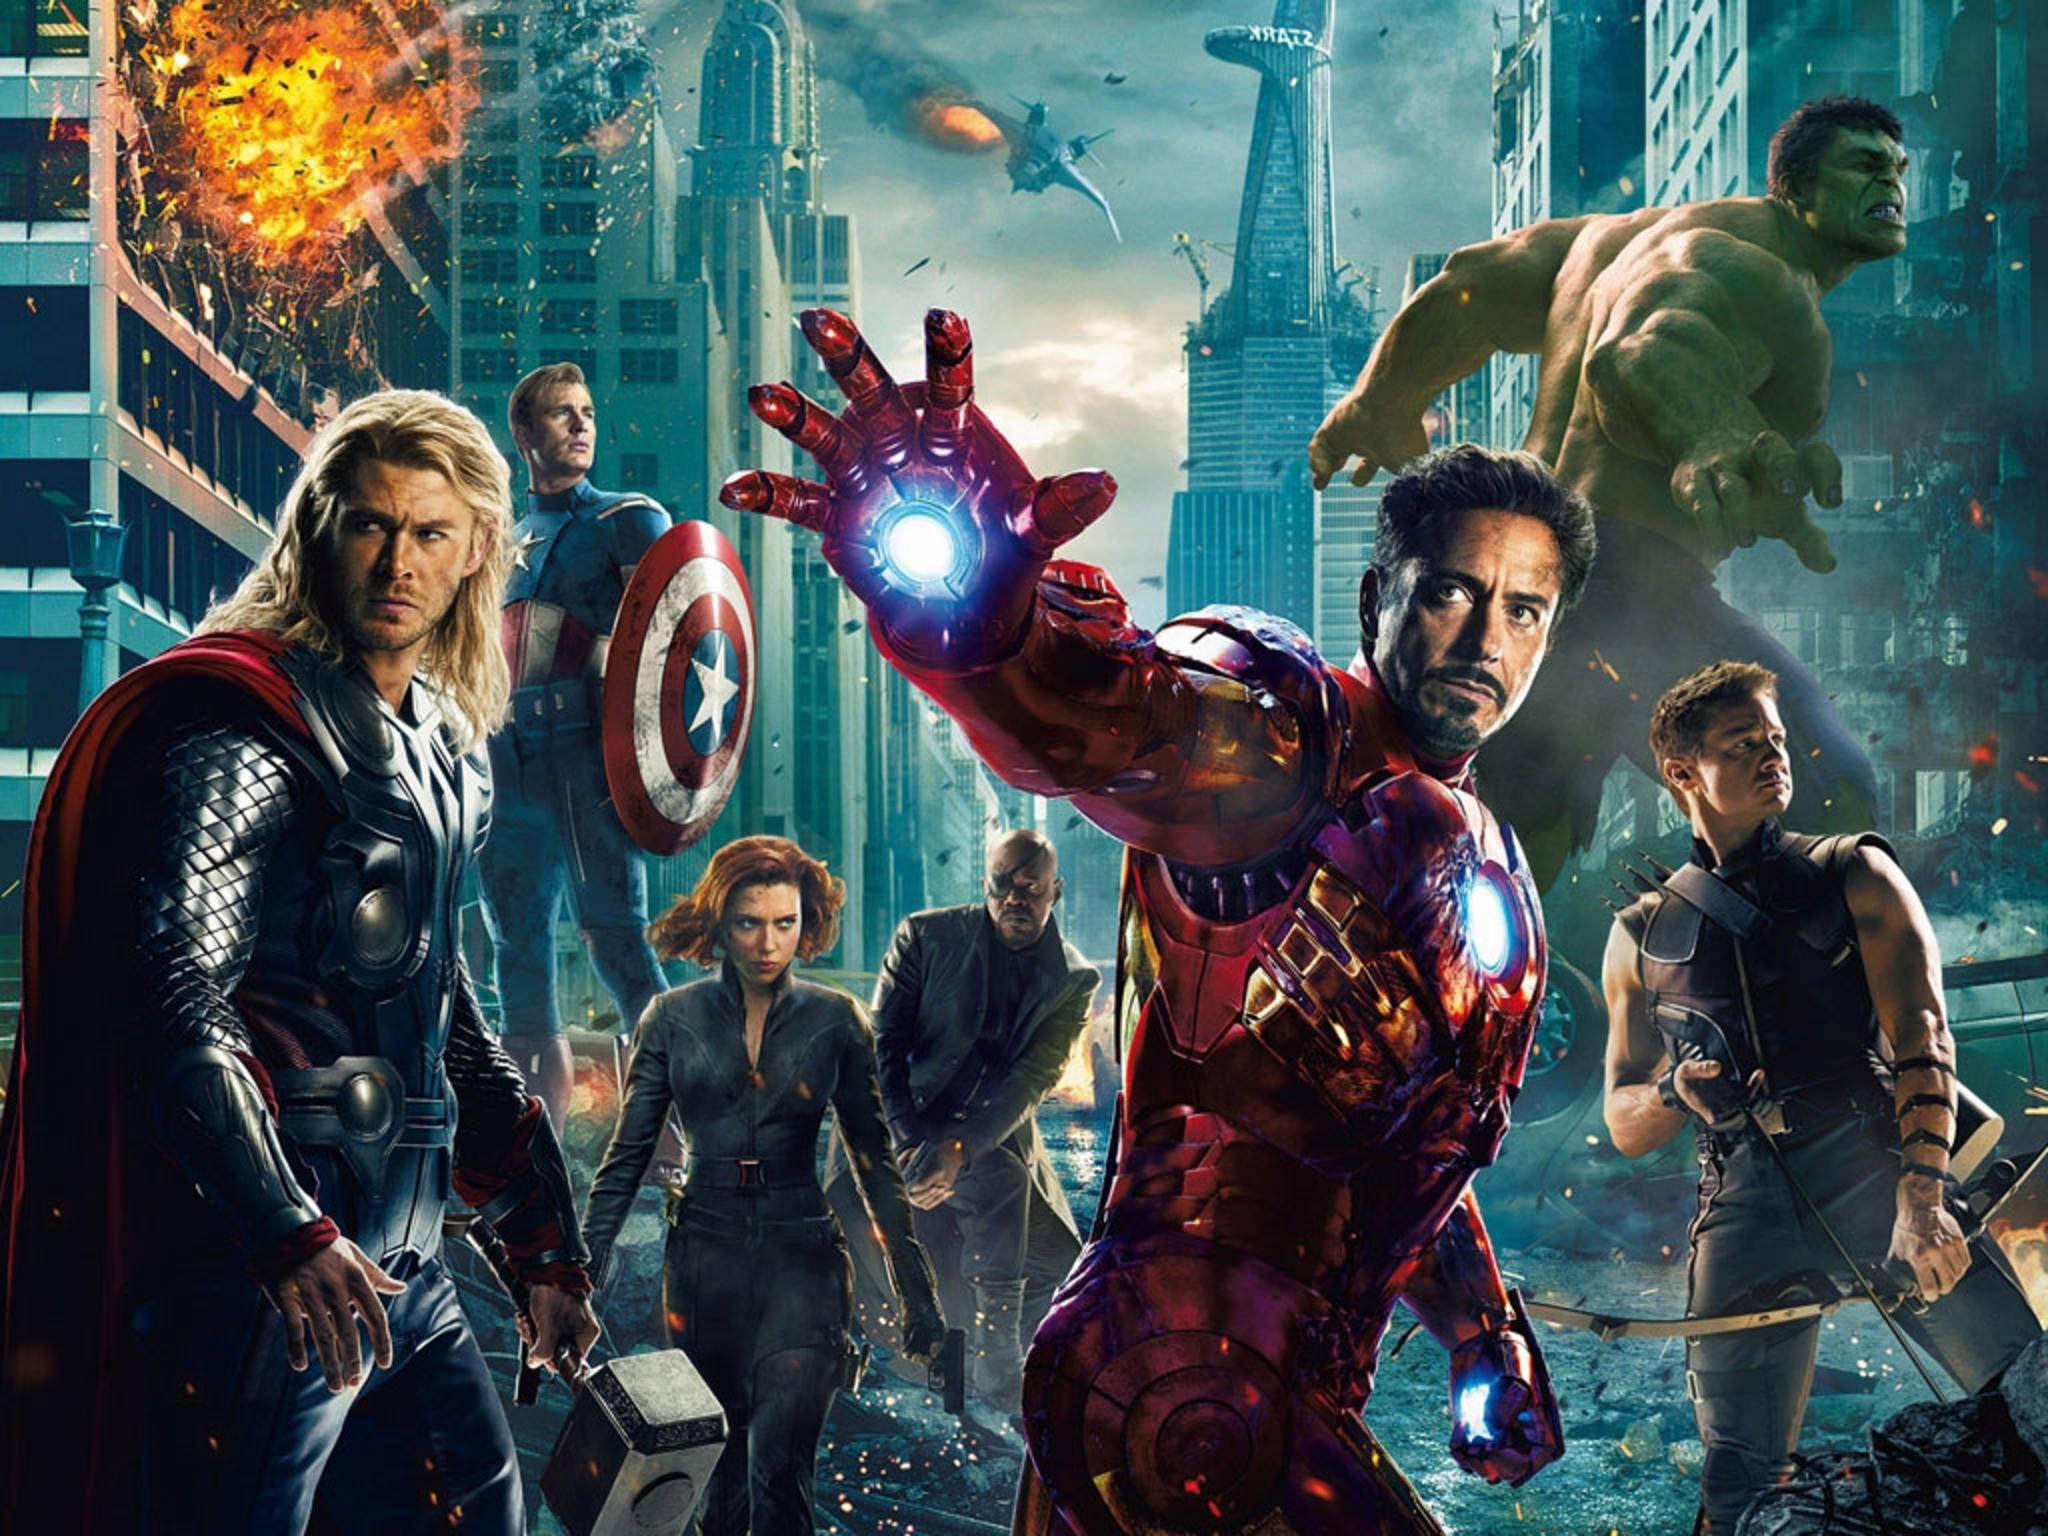 """Der Cast von Marvels """"Avengers"""" hätte durchaus ein wenig anders aussehen können – zum Beispiel, wenn Emily Blunt zugesagt hätte!"""